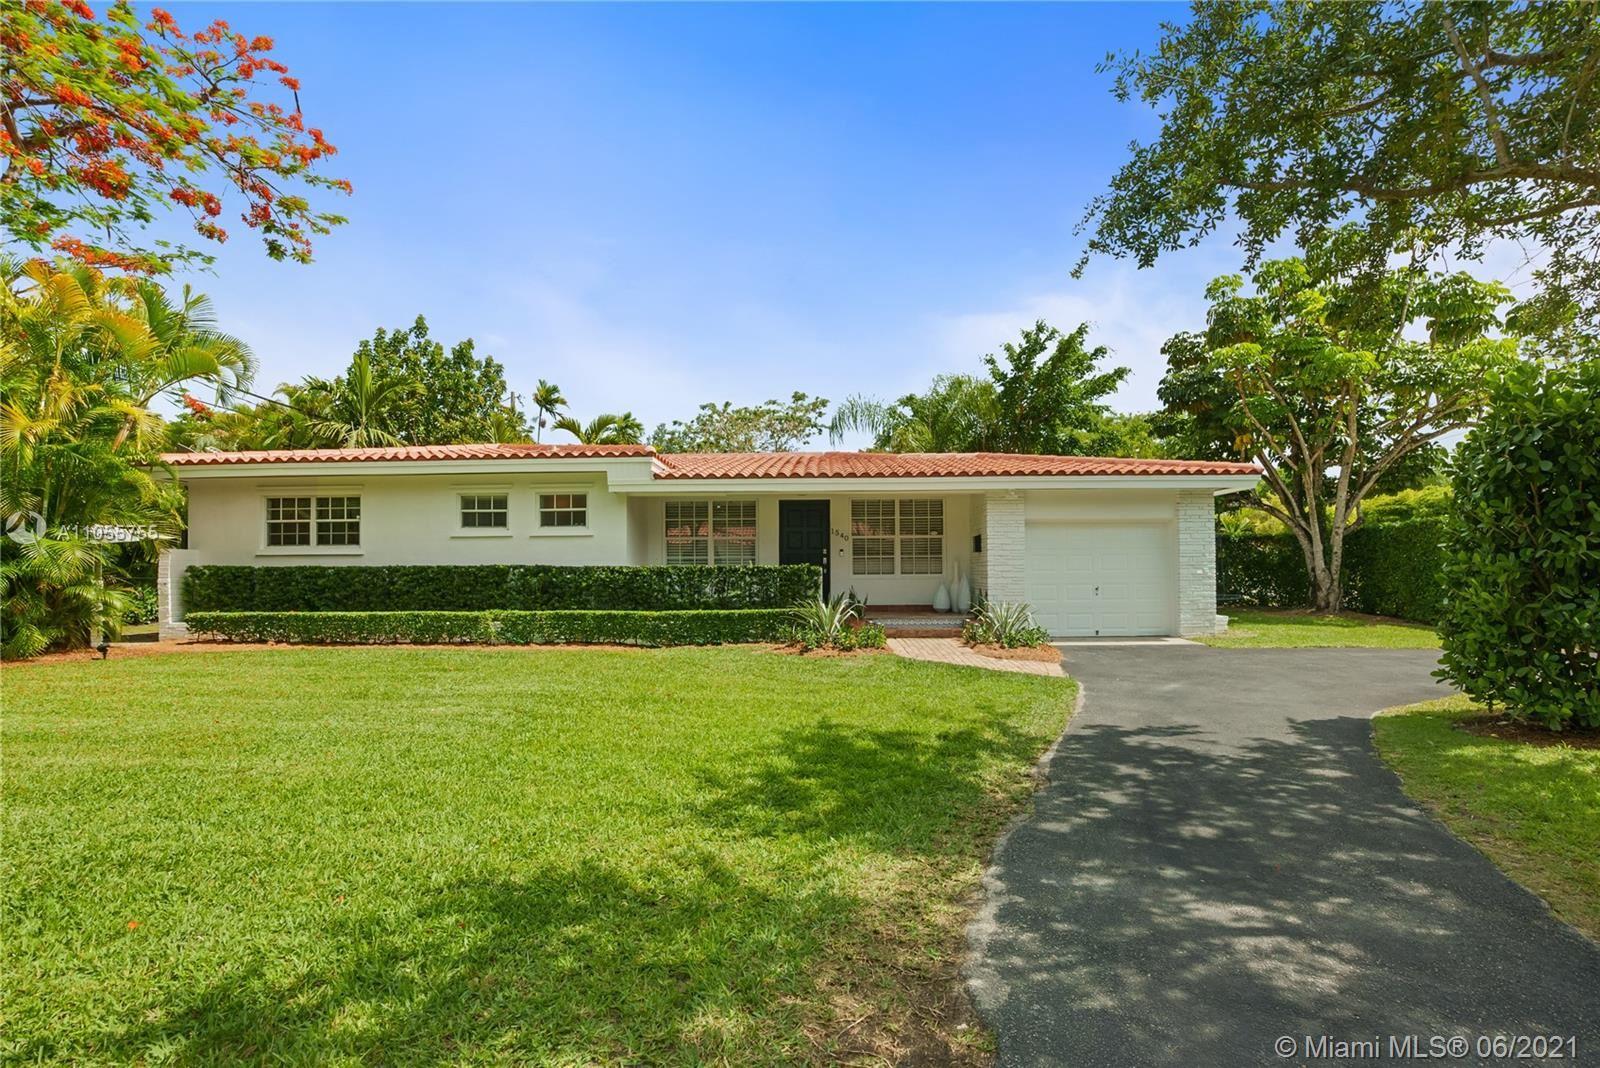 1540 Blue Rd, Coral Gables, FL 33146 - #: A11055755